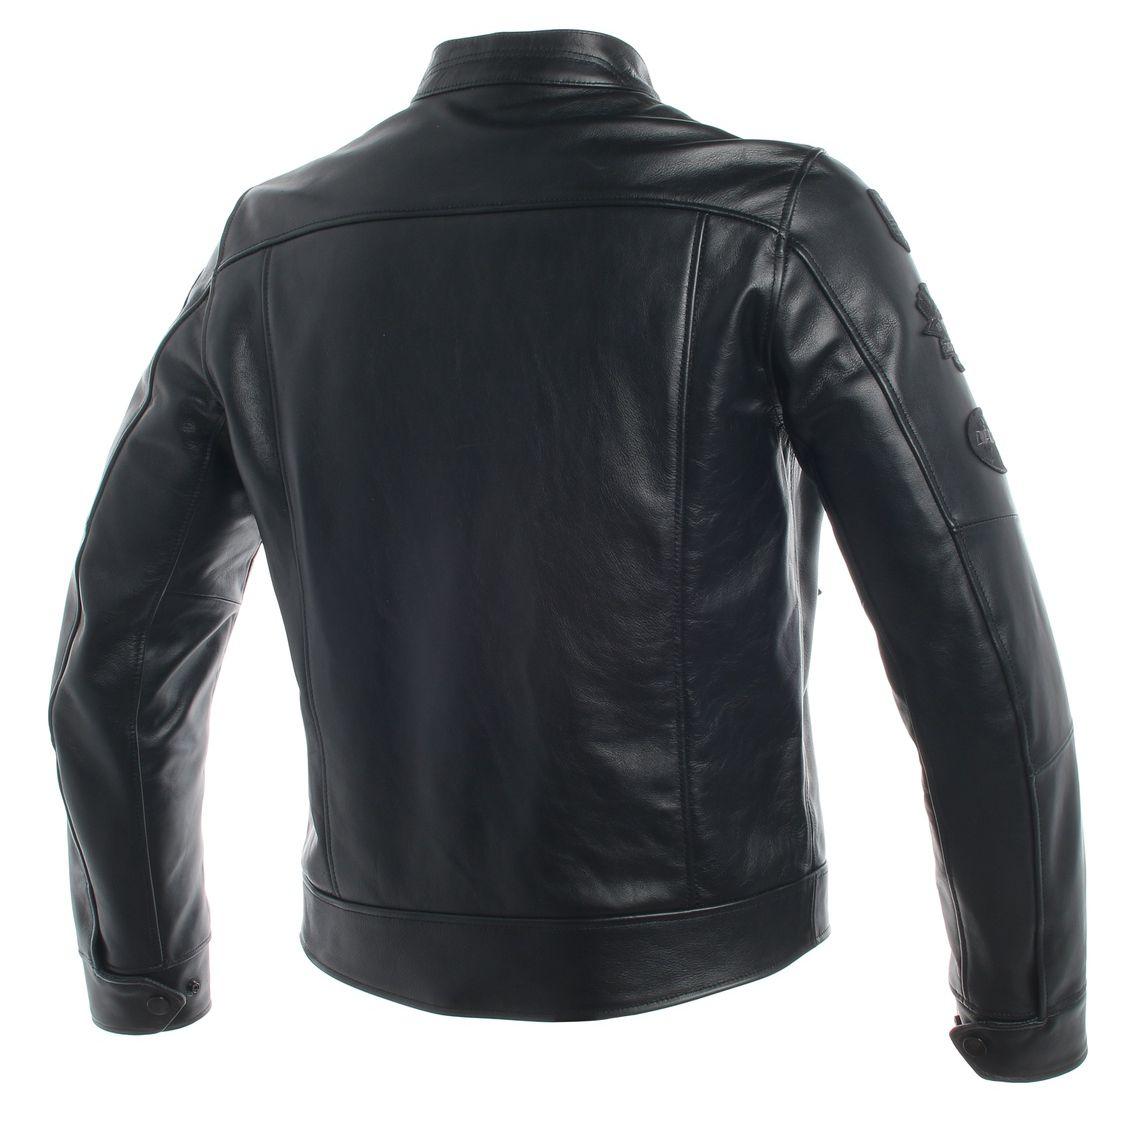 Blouson Leather Legacy Veste Et Dainese rxBRq1wYr